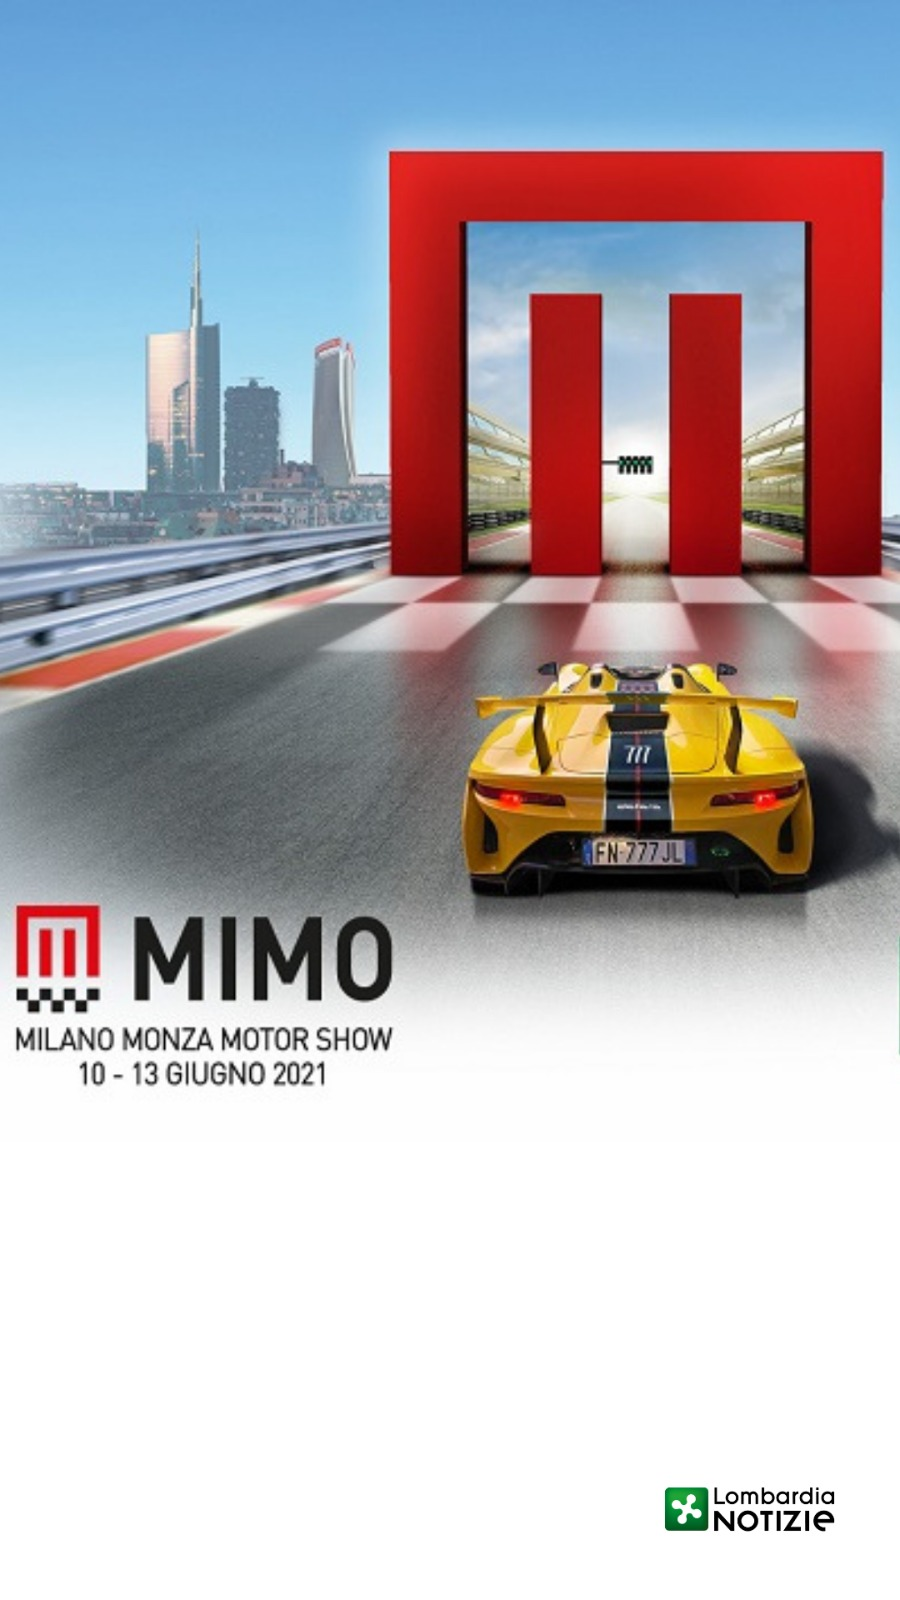 MIMO: Milano-Monza motor show